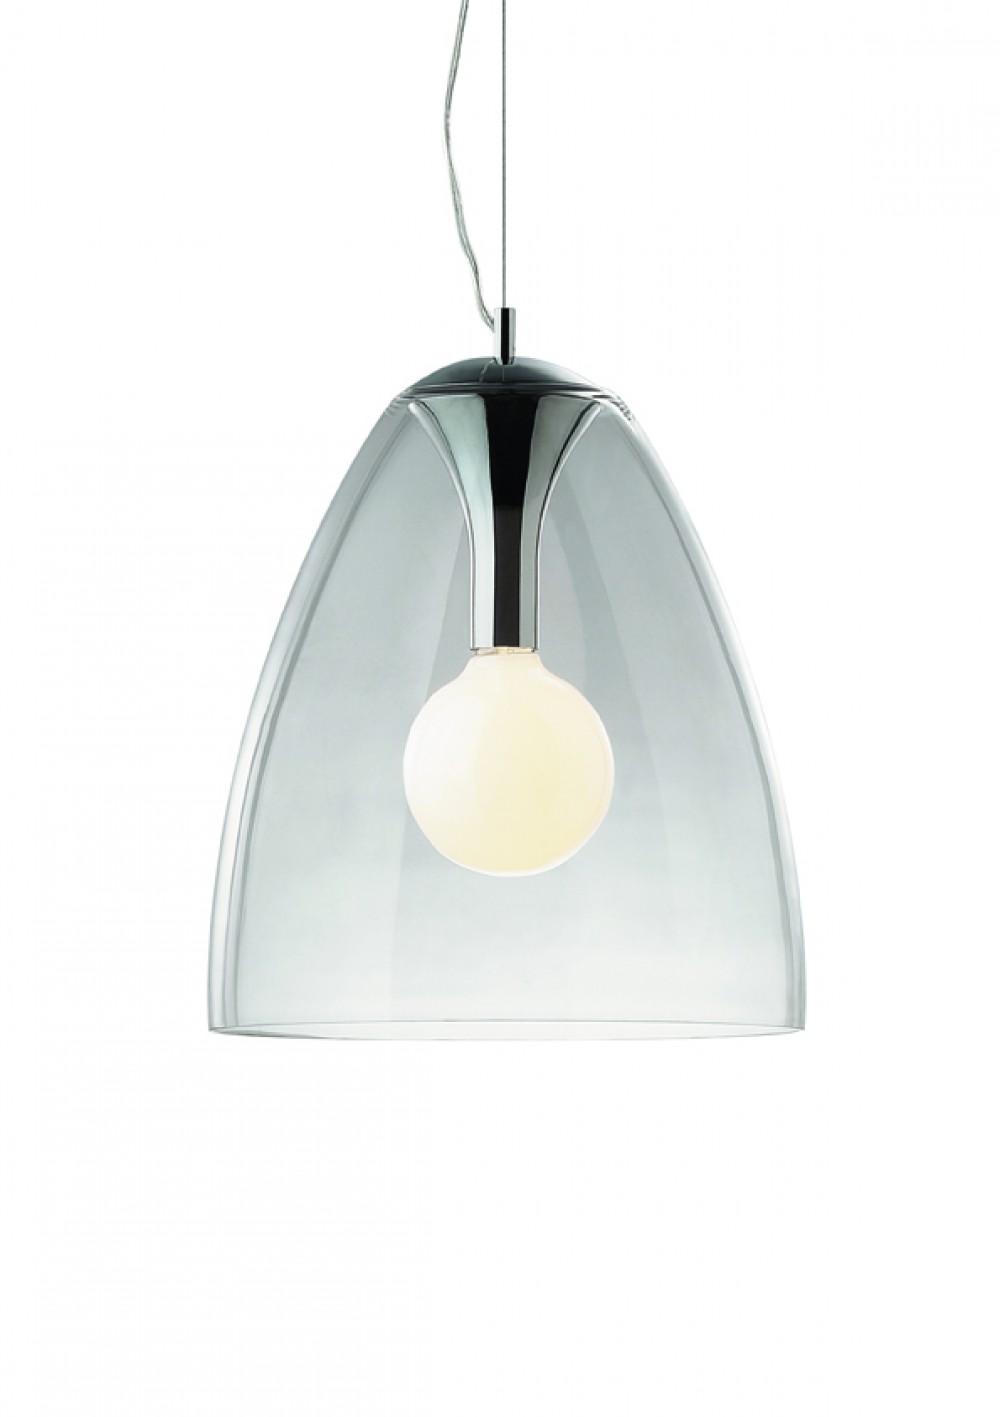 pendelleuchte glas transparent metall chrom modern. Black Bedroom Furniture Sets. Home Design Ideas